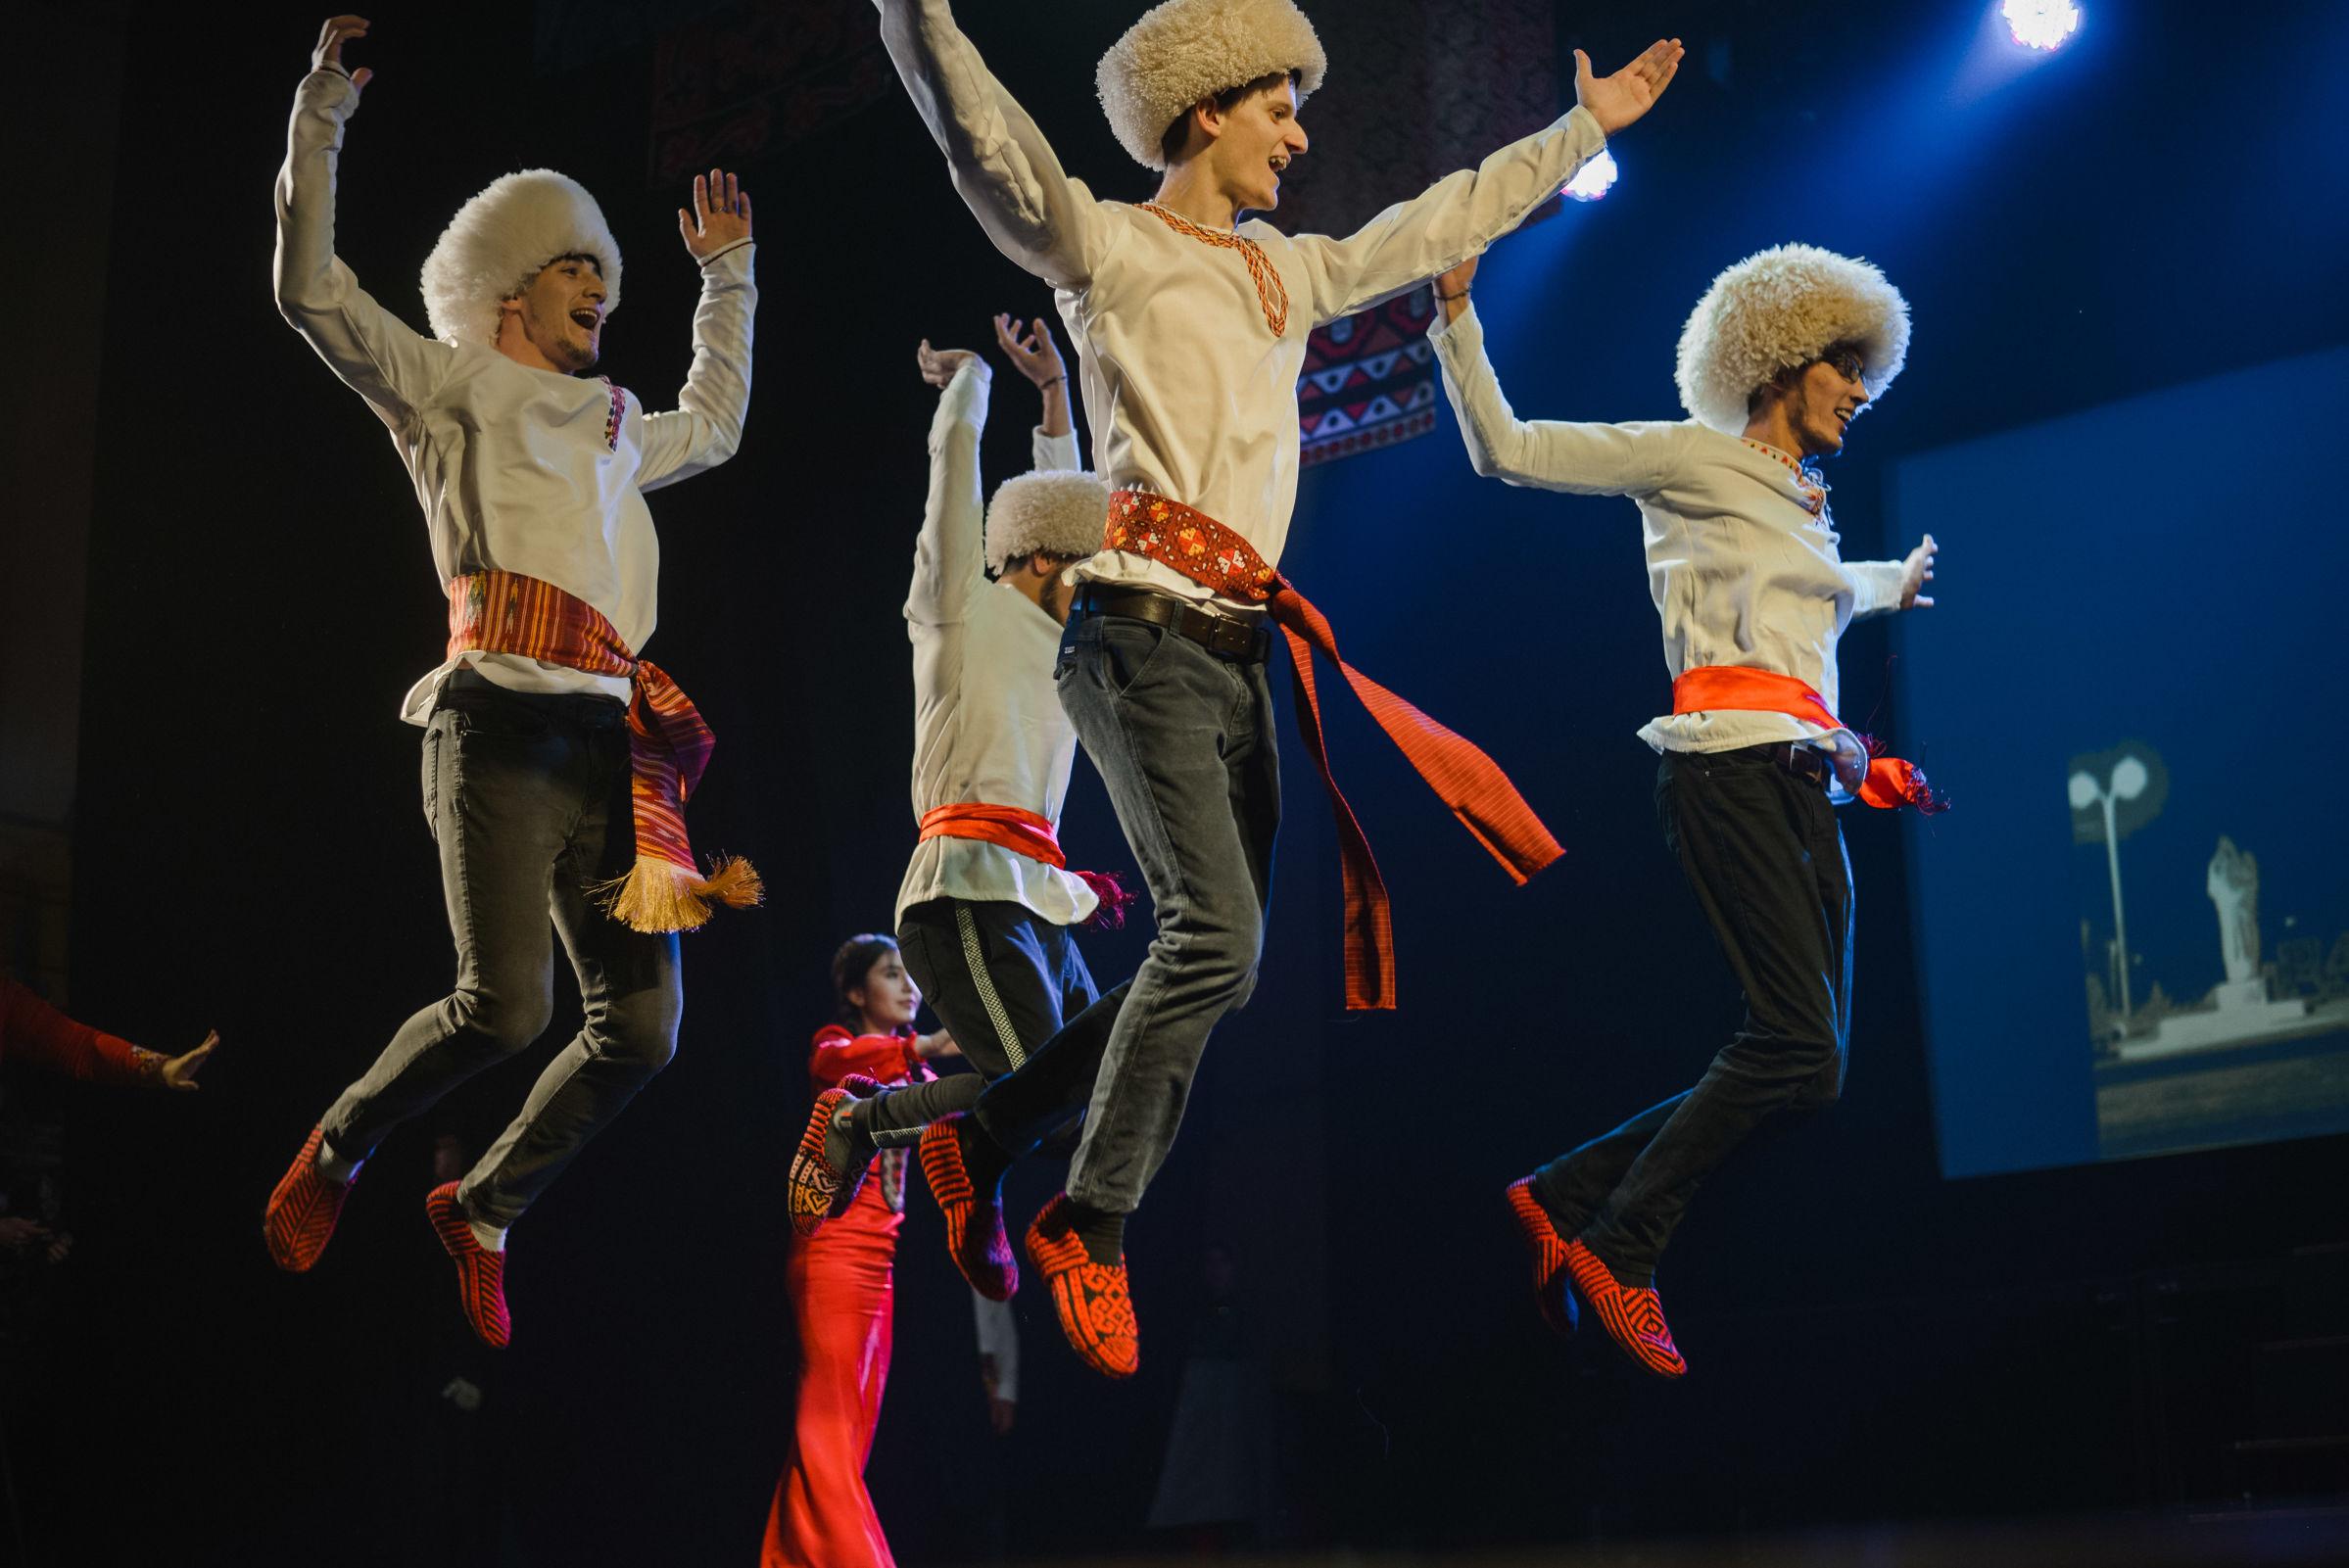 Представители 14 национальностей стали участниками фестиваля творчества молодежи «Единство разнообразия»